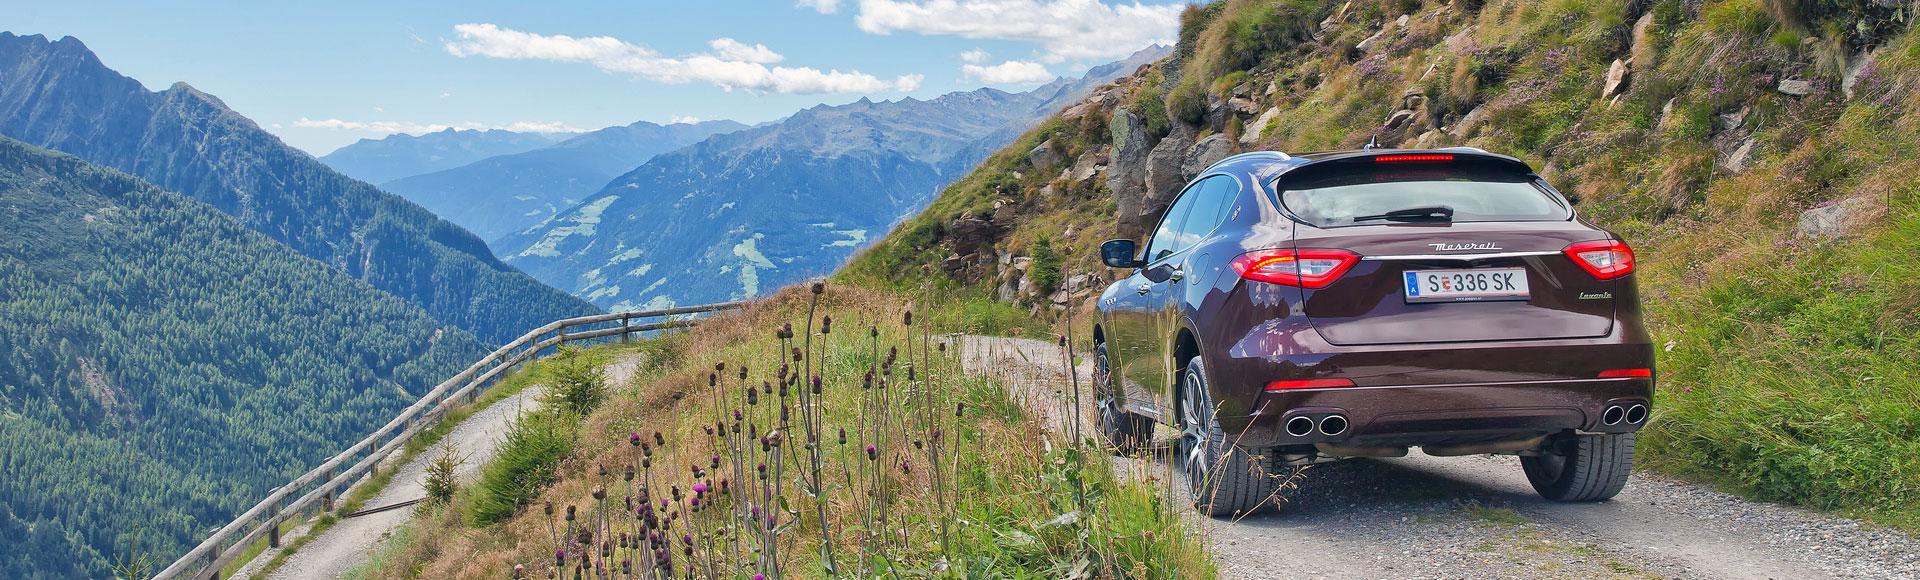 Maserati Levante 2016 726 Sommer Herbst